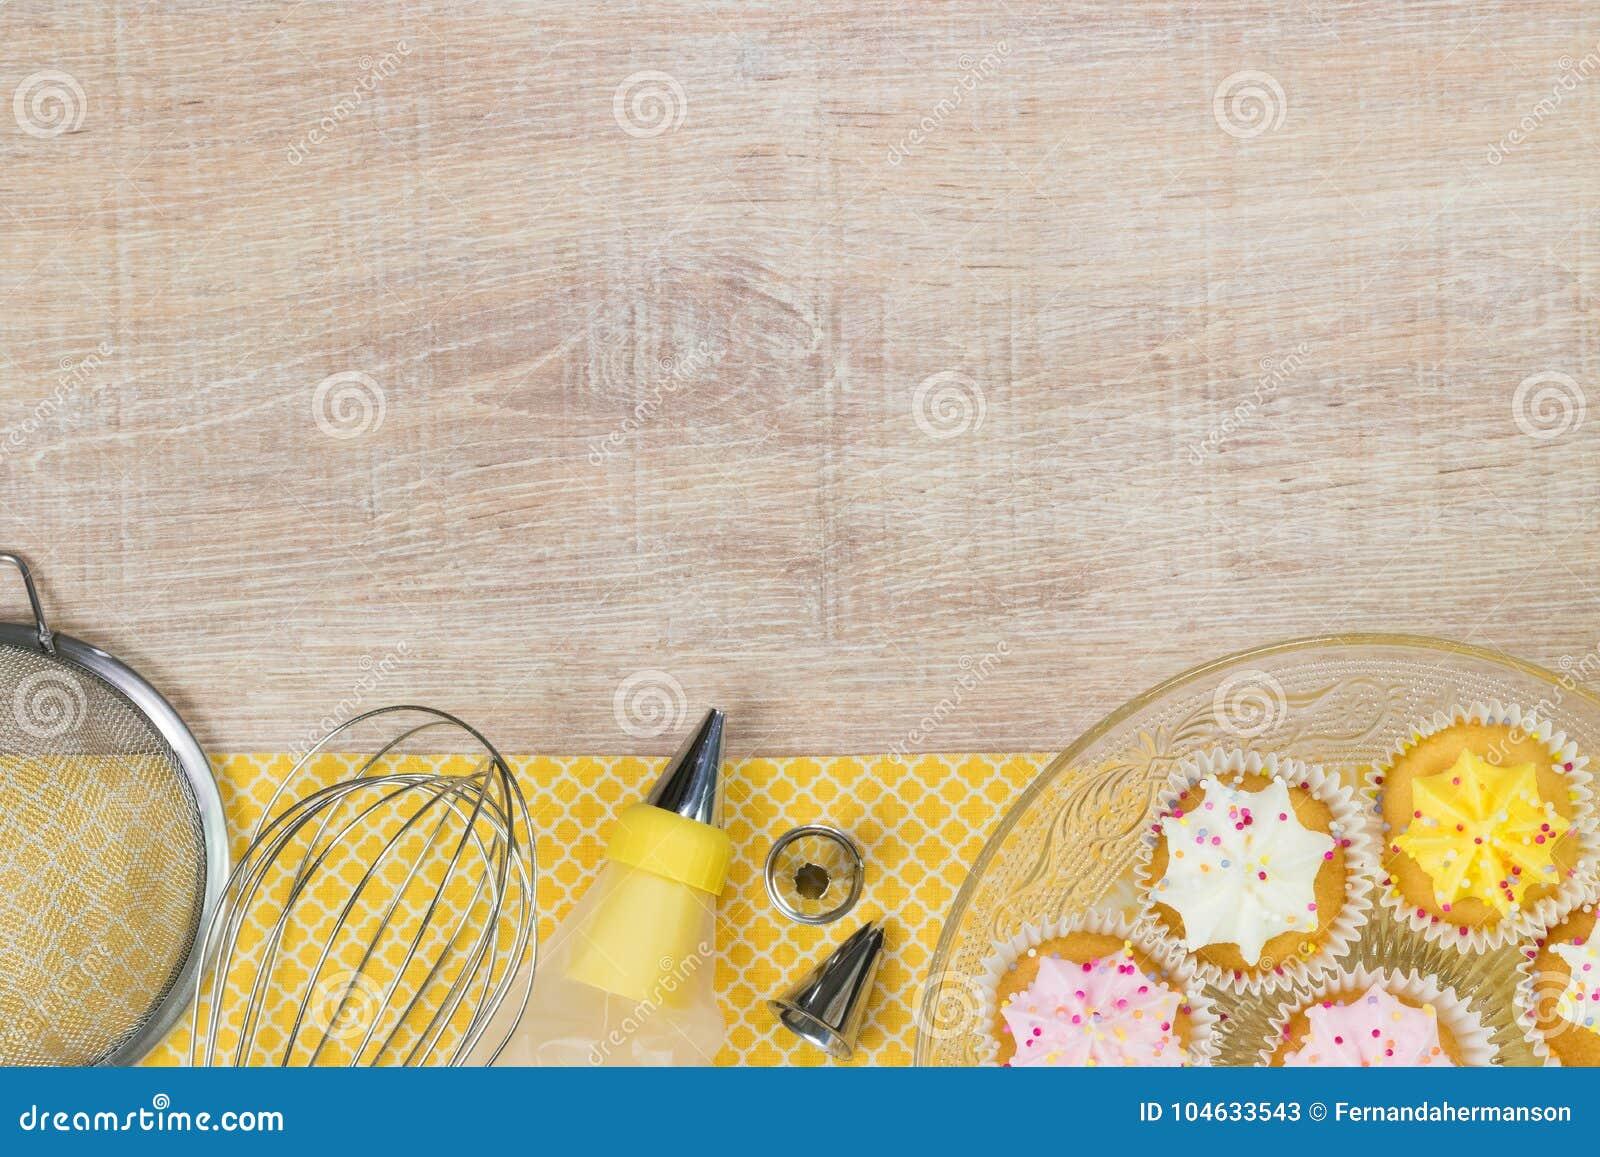 Download Kleurrijke Cupcakes En Bakselhulpmiddelen Op Een Houten Lijstachtergrond Stock Afbeelding - Afbeelding bestaande uit cake, ingrediënten: 104633543